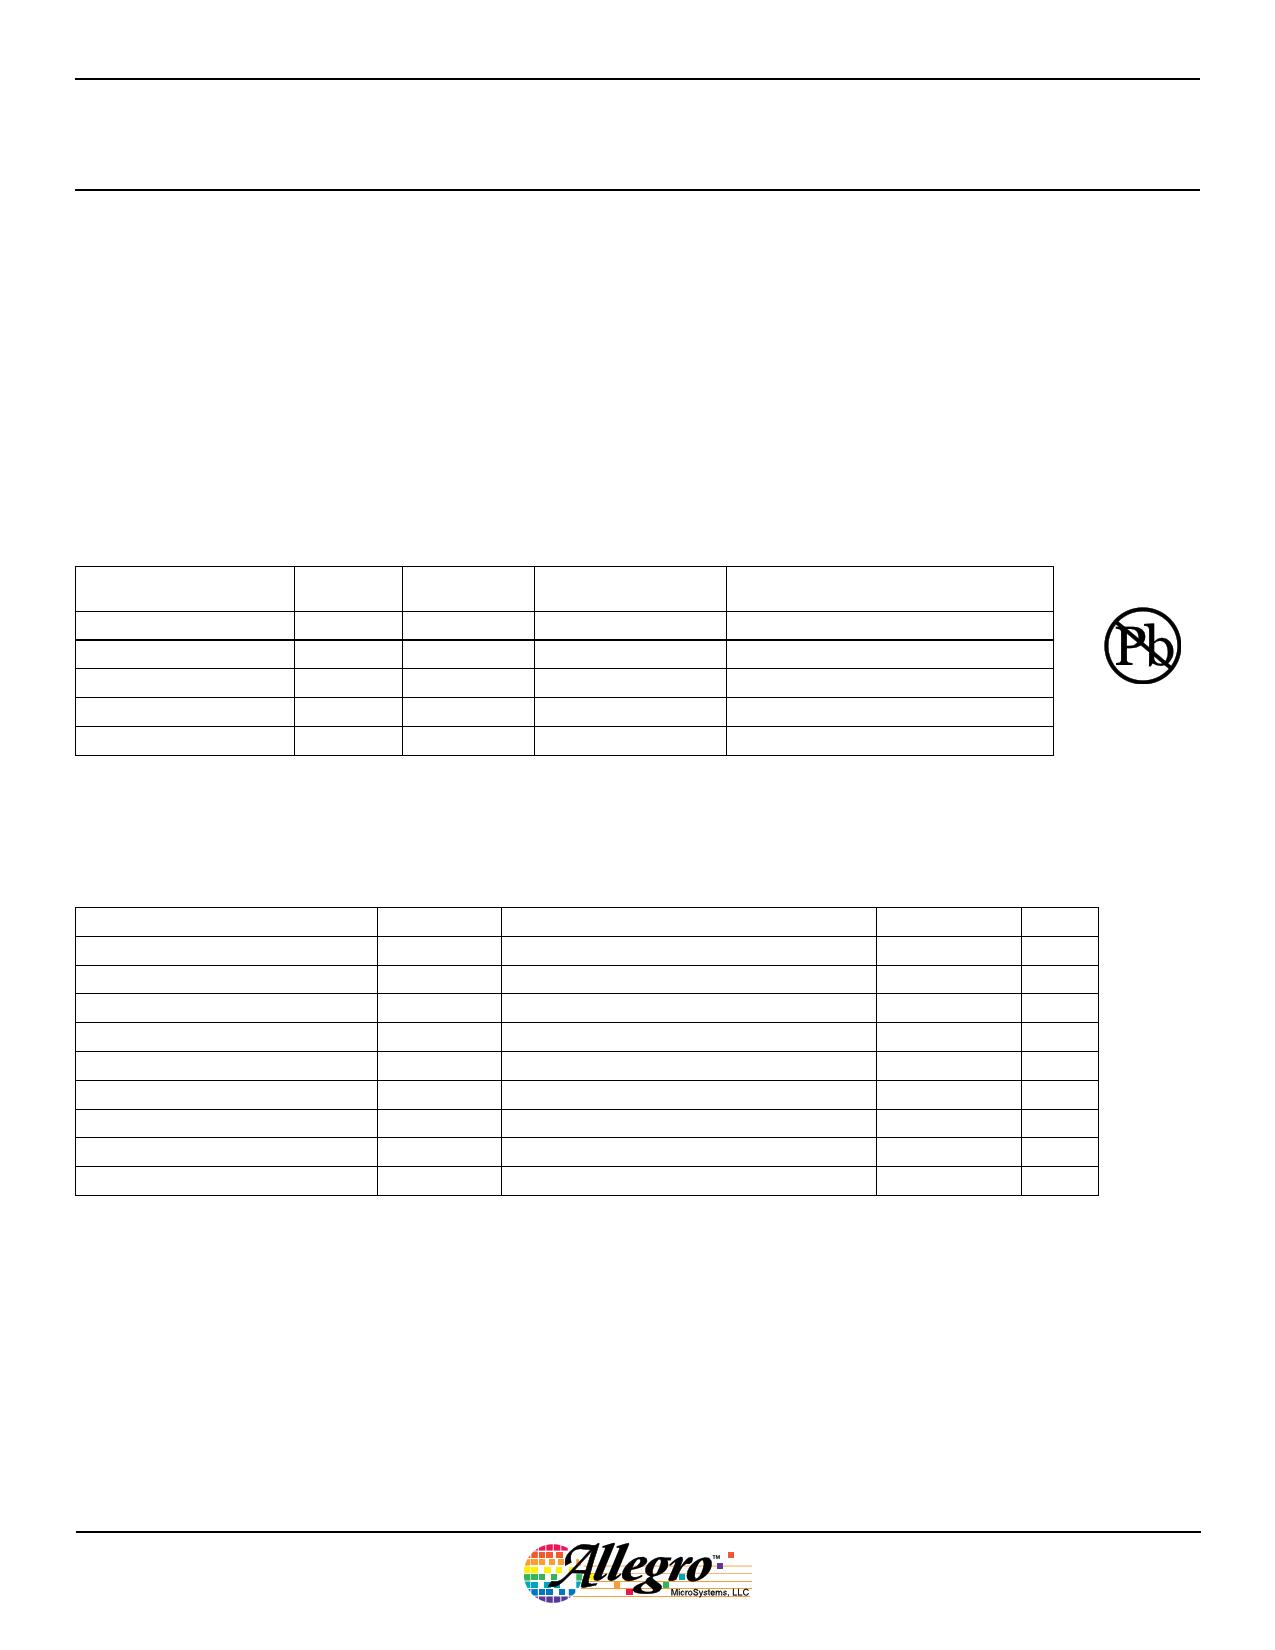 A1318 pdf, schematic